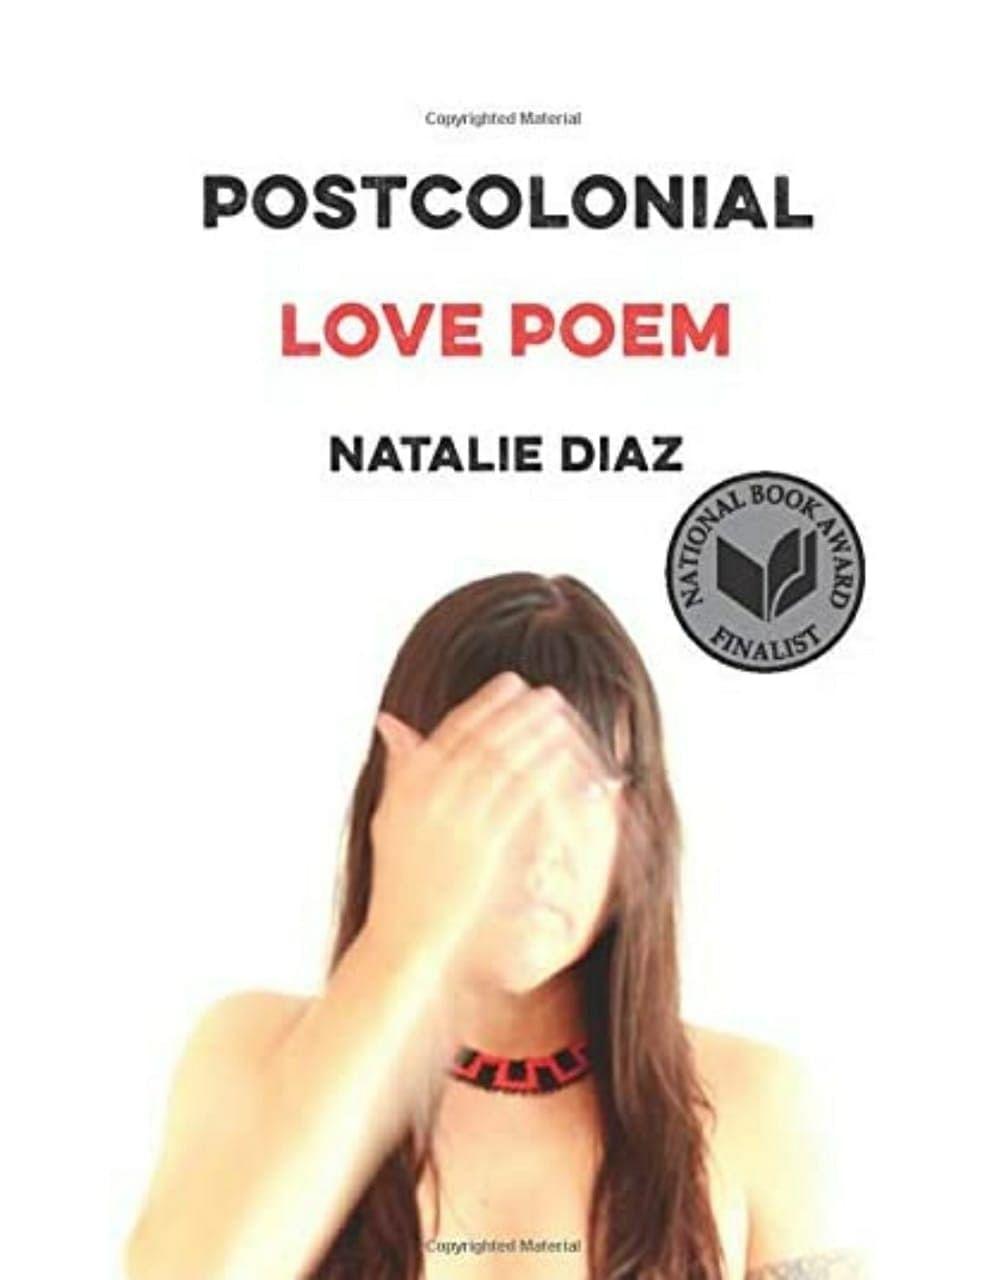 பூர்வகுடி கவிஞர் Natalie Diaz-க்கு புலிட்சர்  விருது... இவர் கவிதைகள் கலங்கடிப்பது ஏன்?